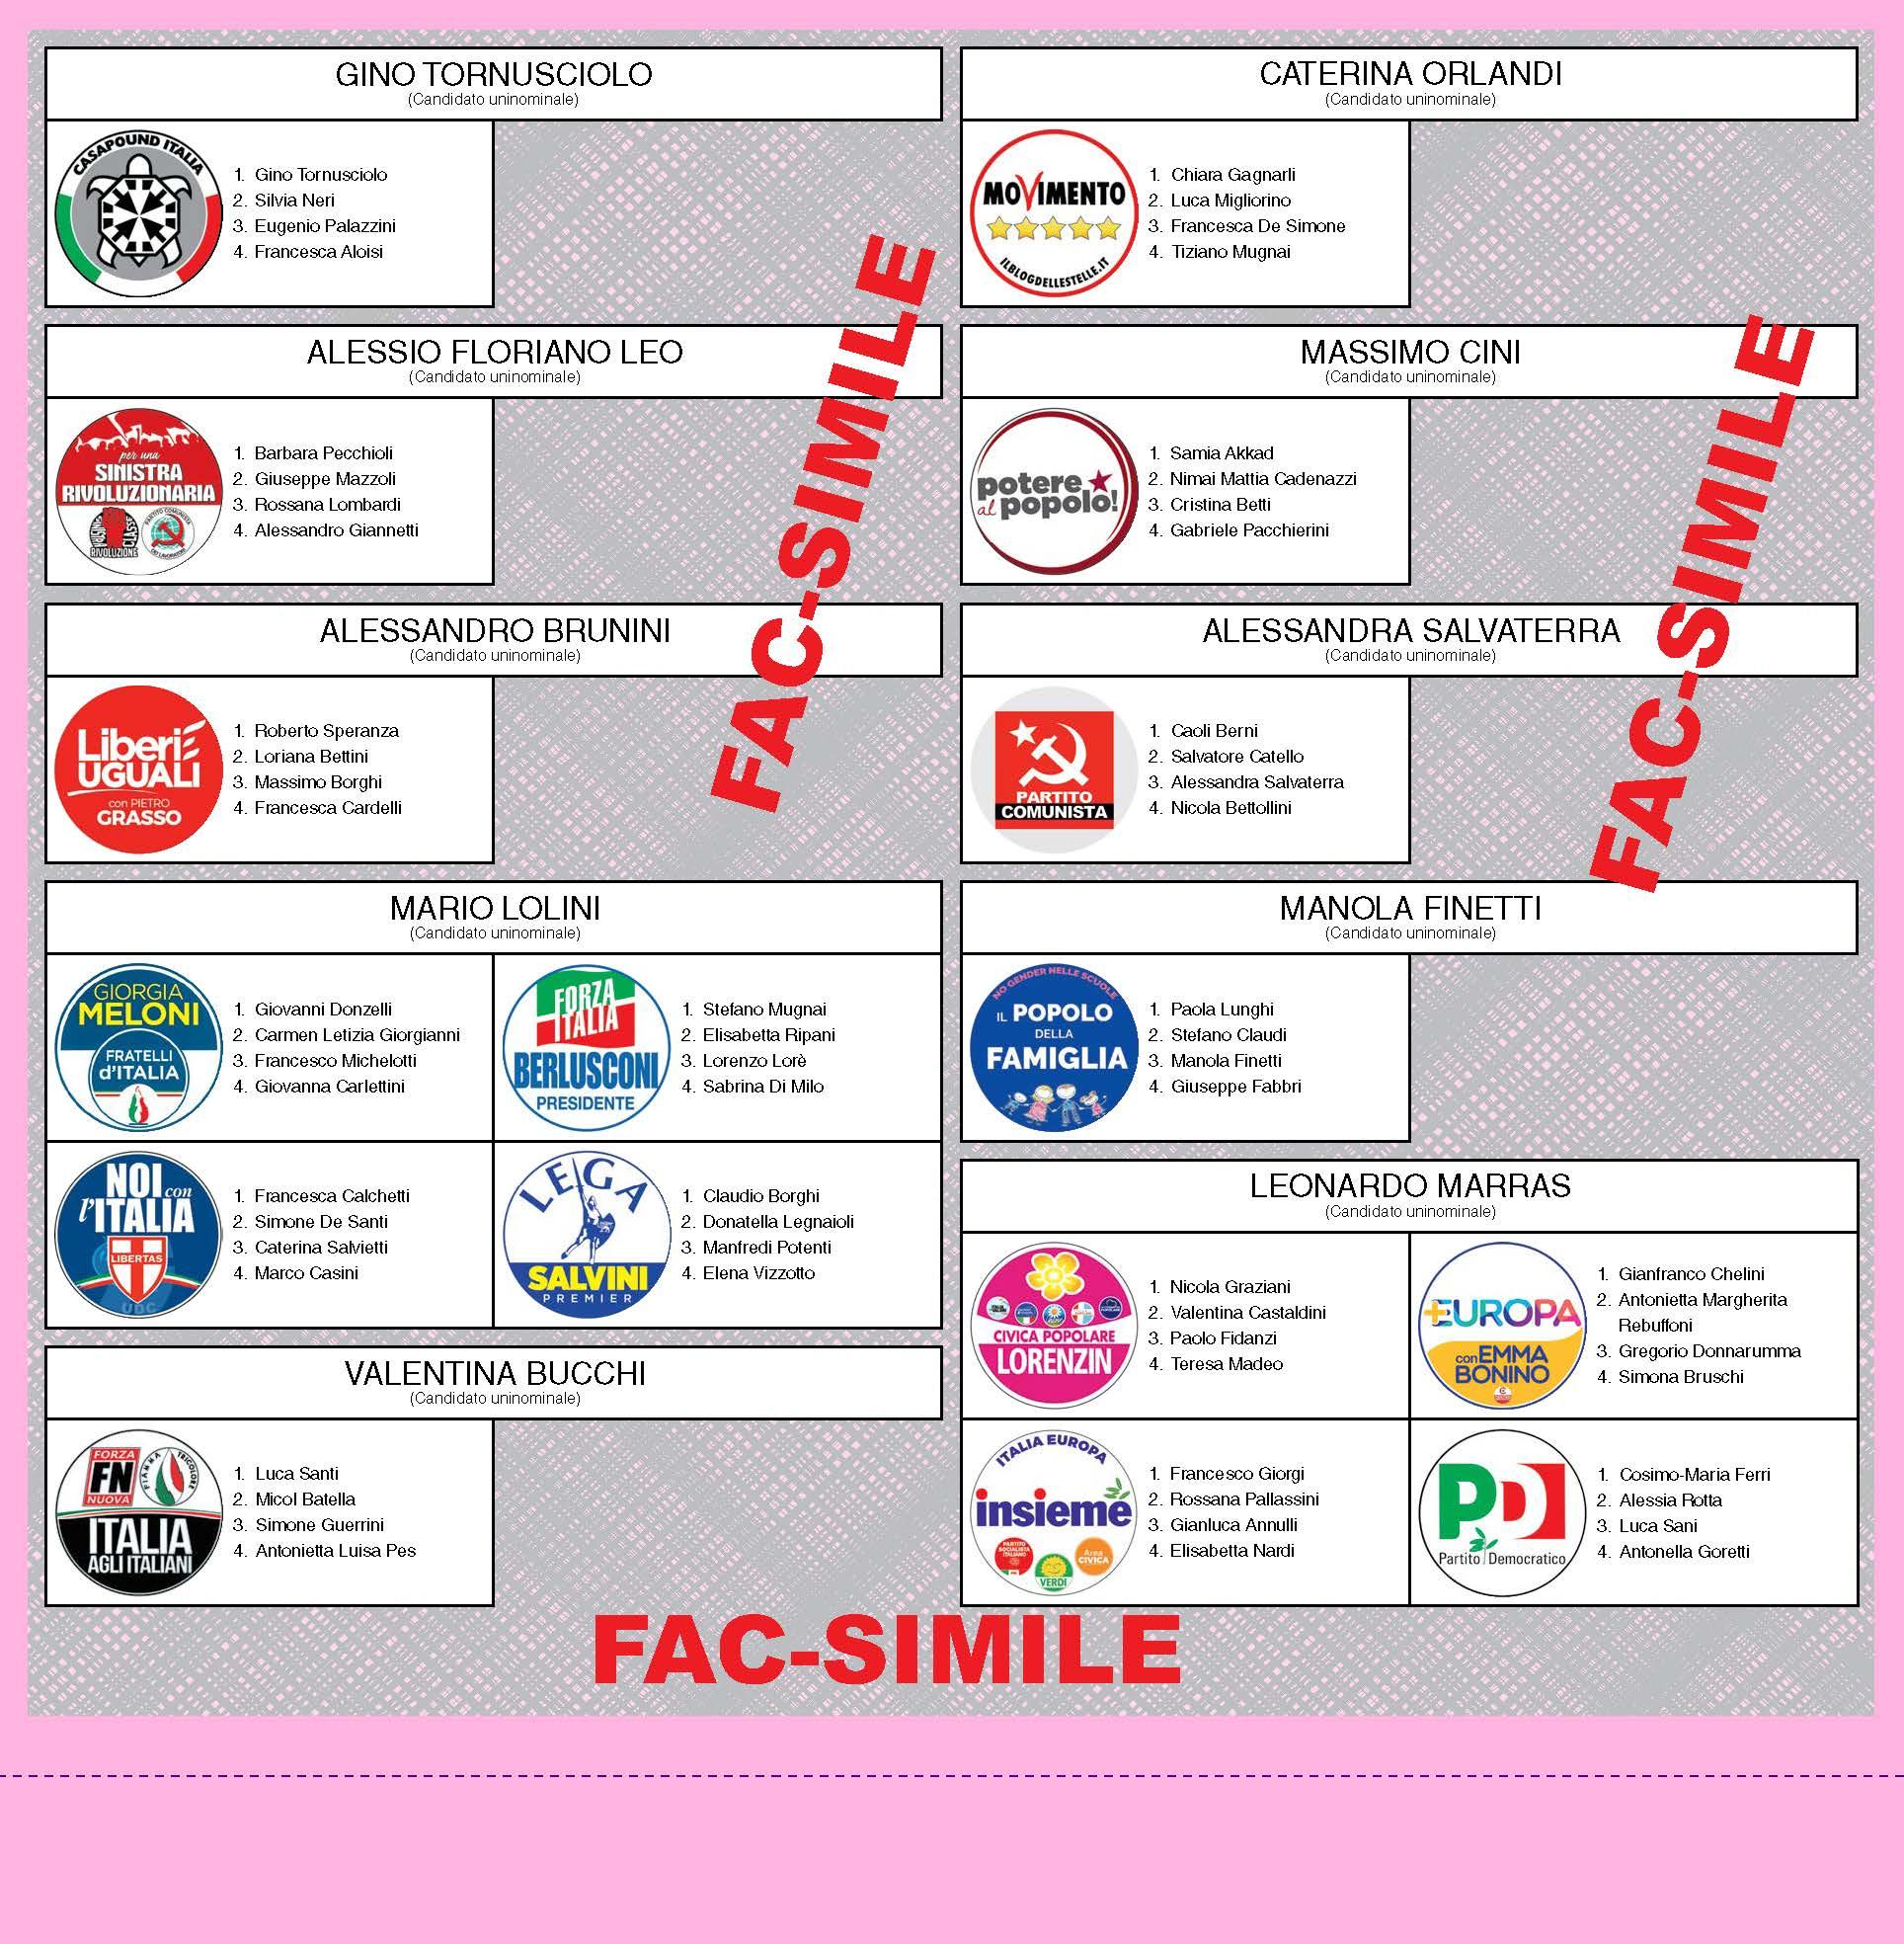 Comune di follonica elezioni politiche 4 marzo 2018 for Votazione camera dei deputati